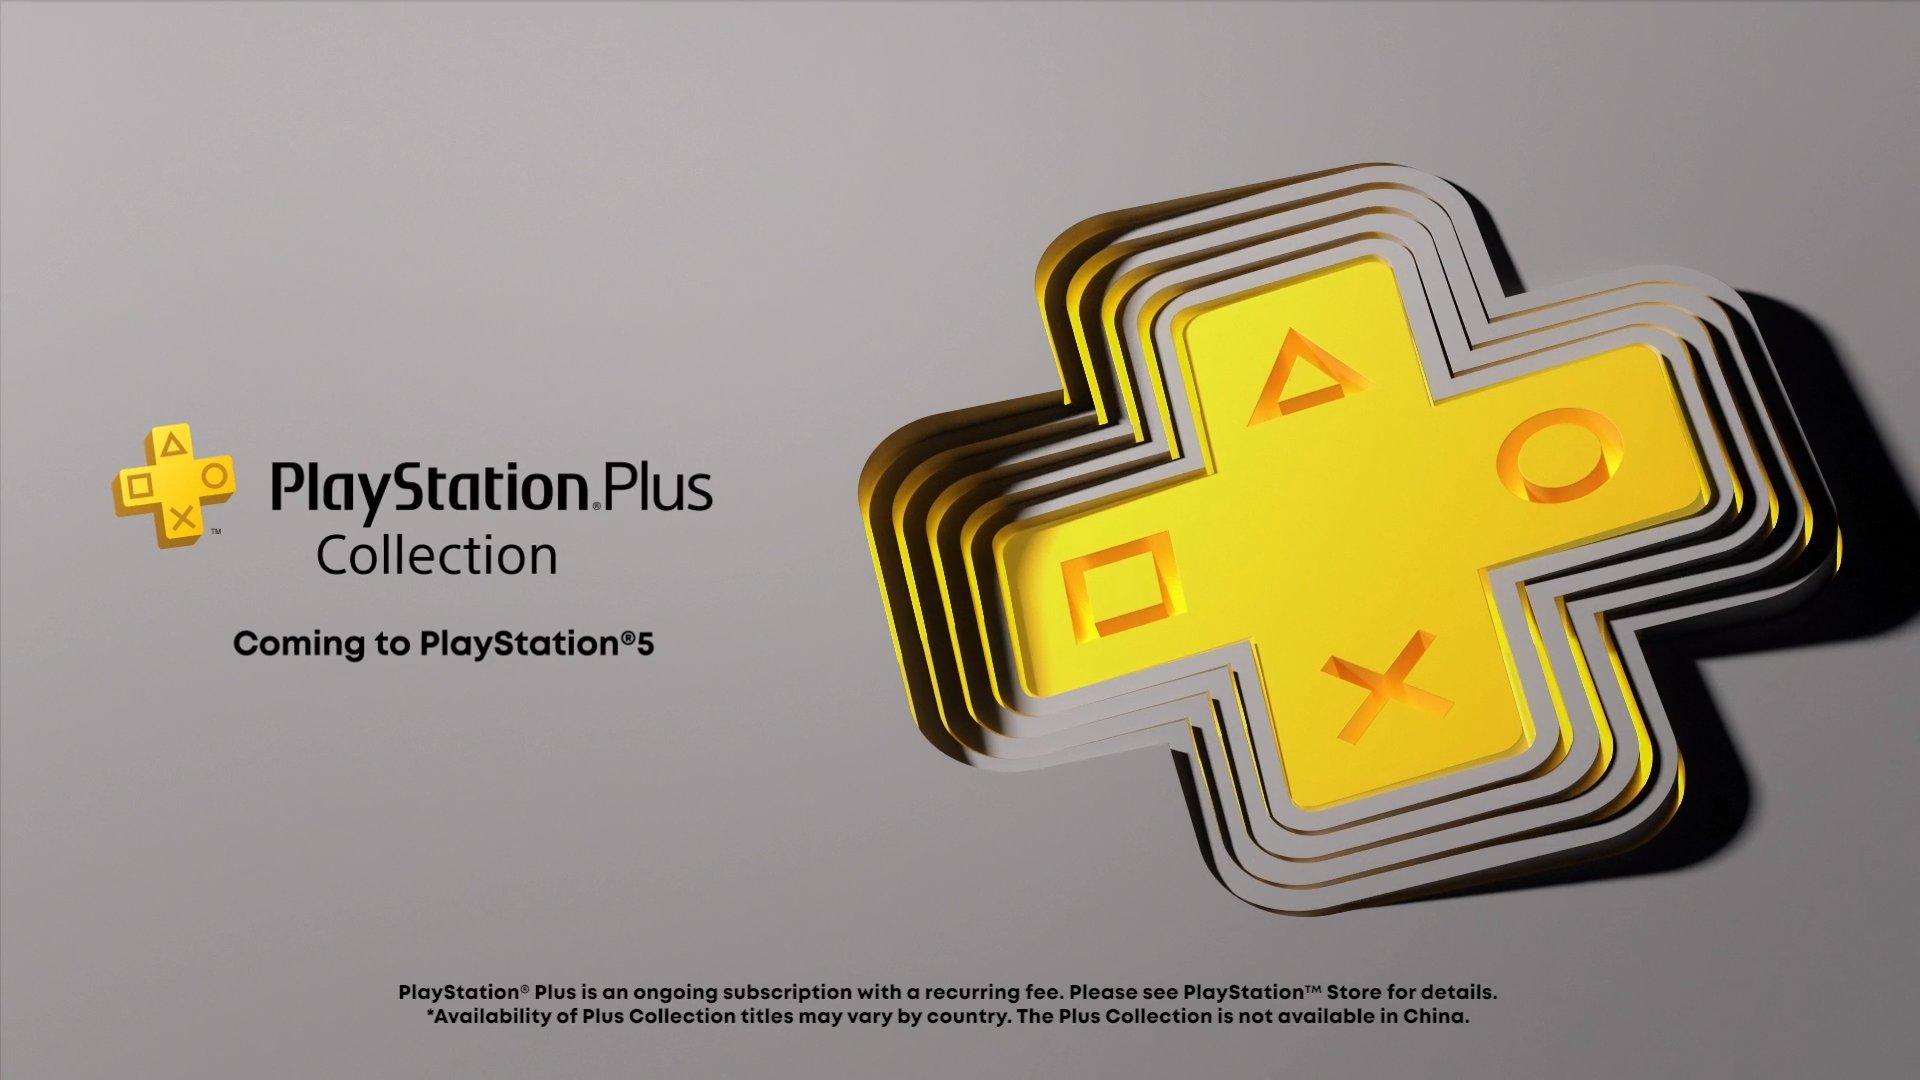 PS5初期游戏阵容确保 PS Plus会员畅享PS4大作